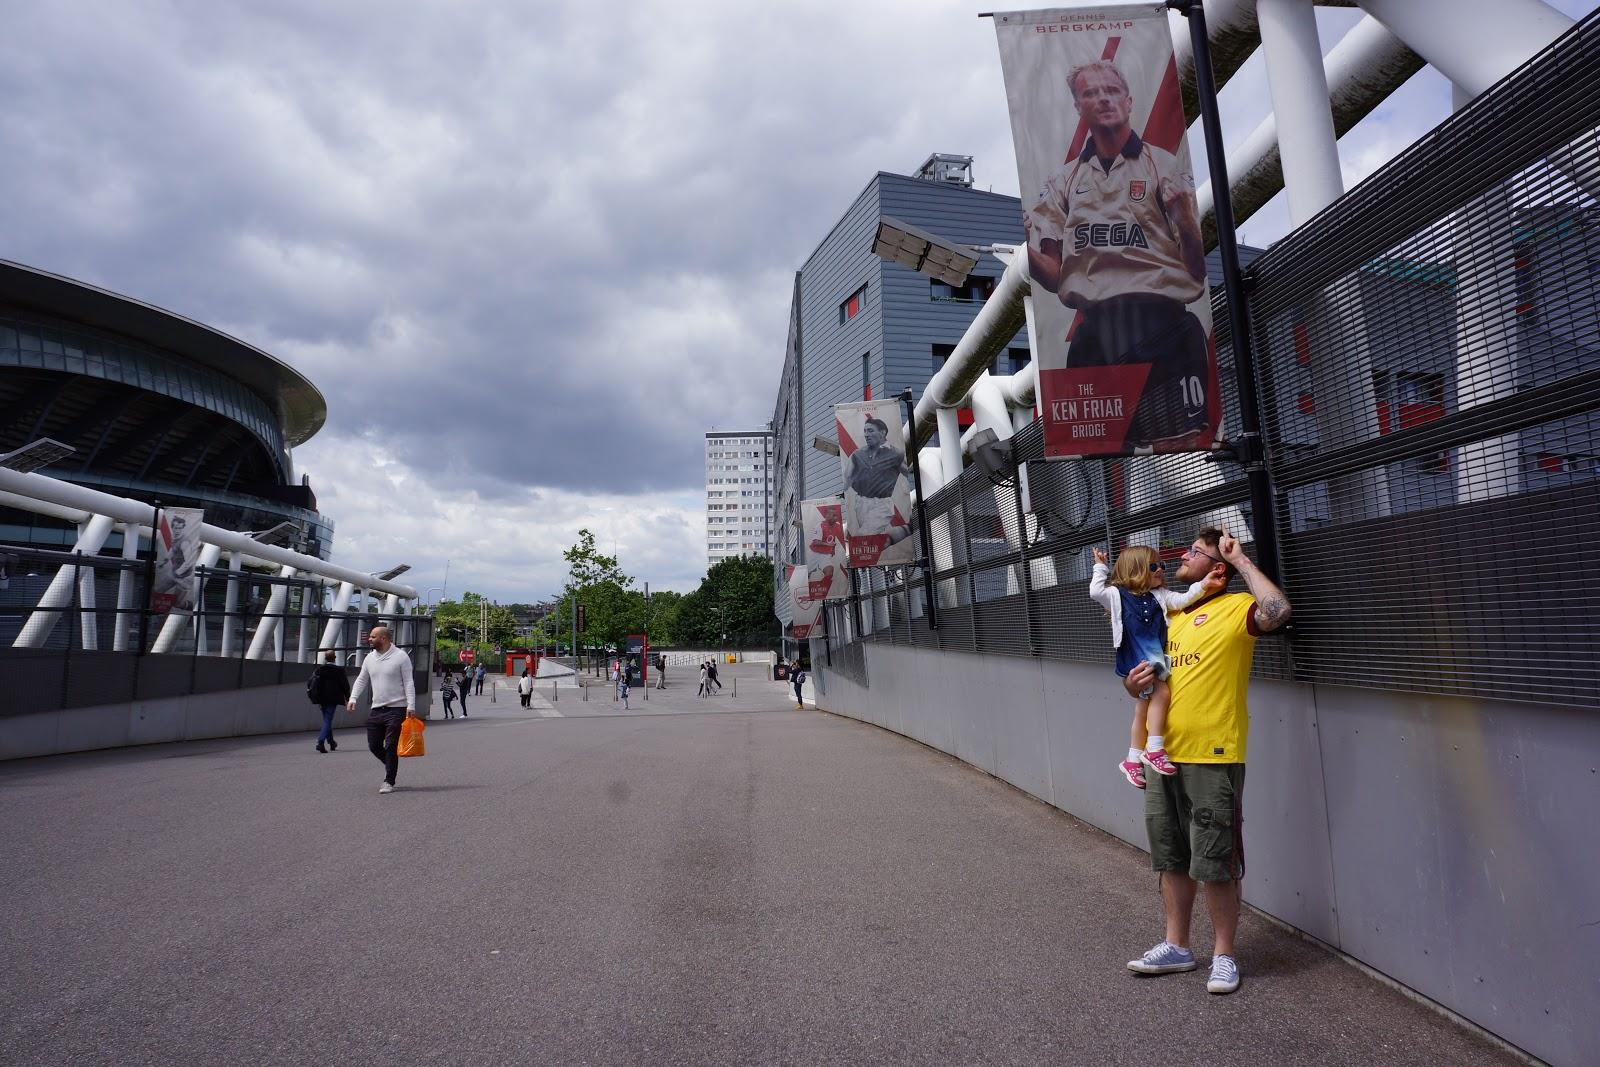 Arsenal Stadium Ken Friar bridge